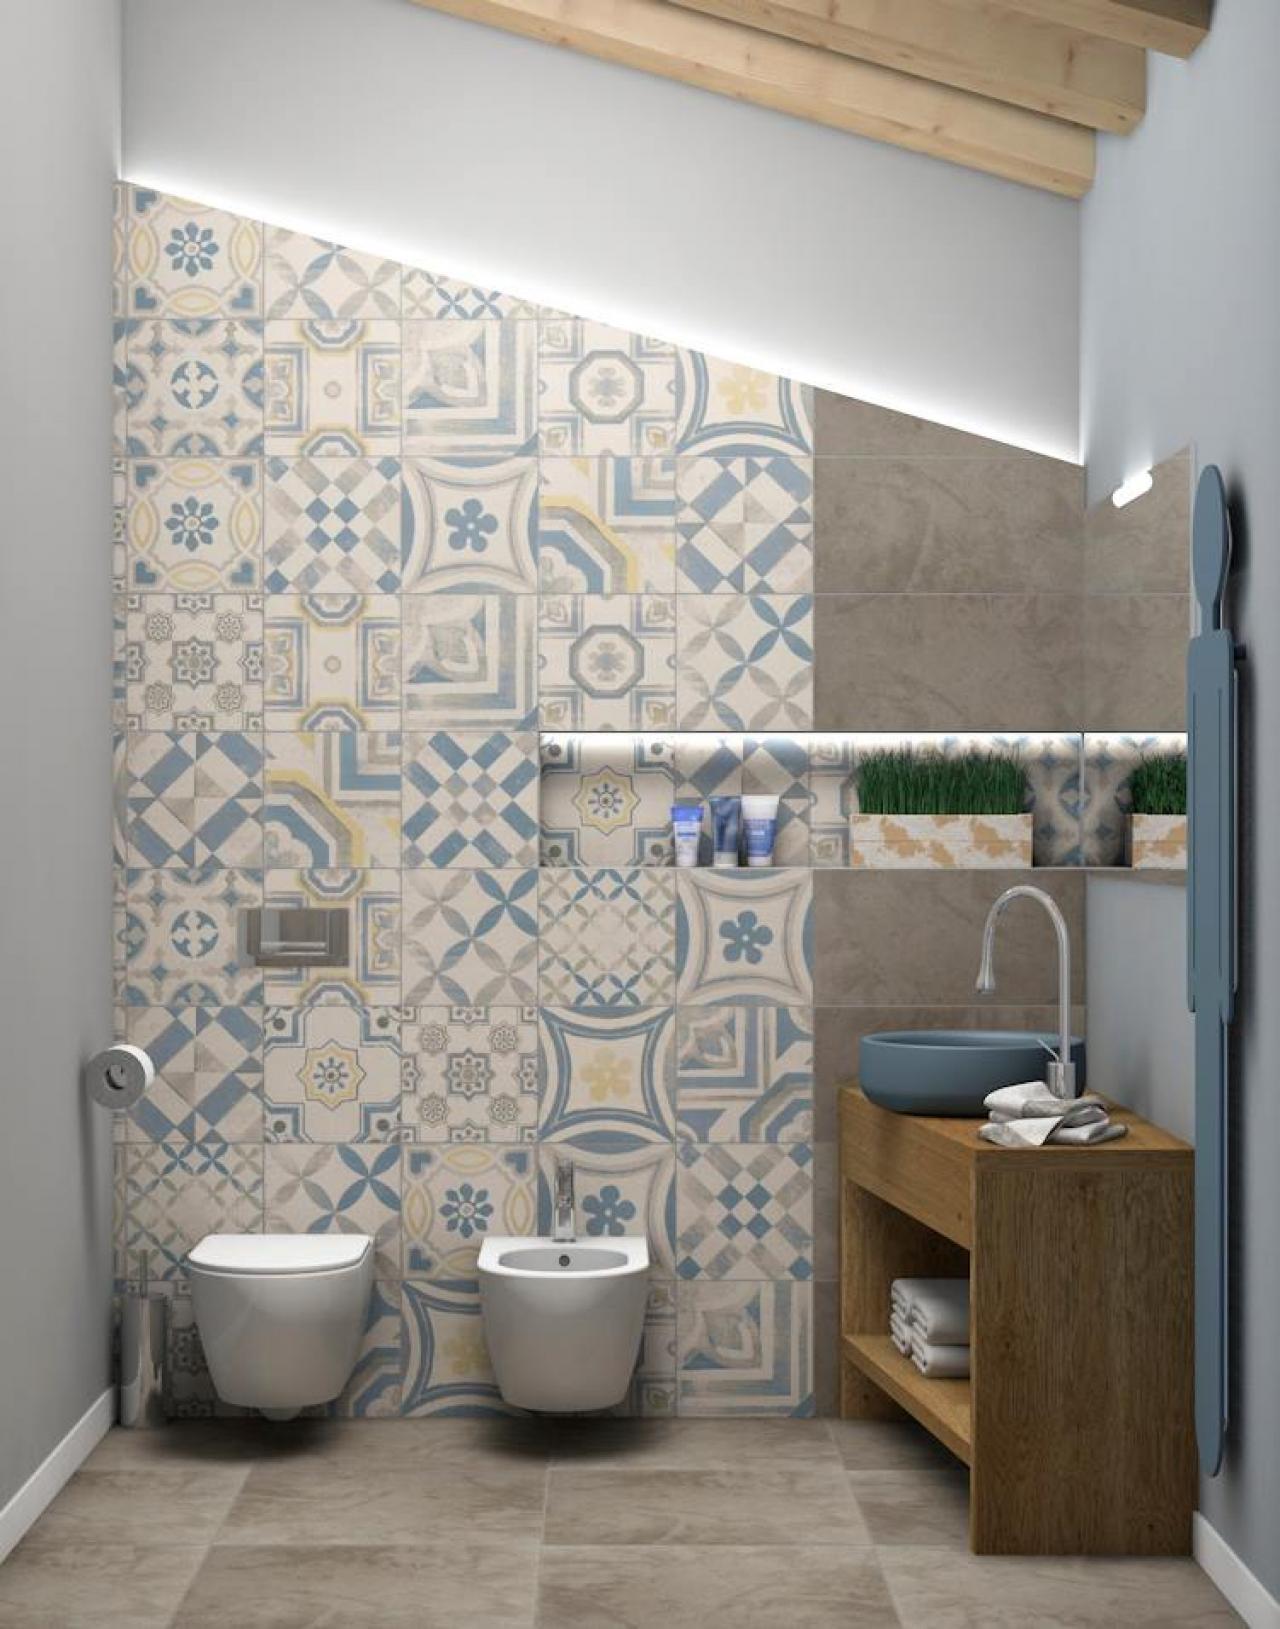 Foto Bagni Moderni Colorati.Progetti Di Bagni Portfolio Di Guido Fratelli Pellizzari